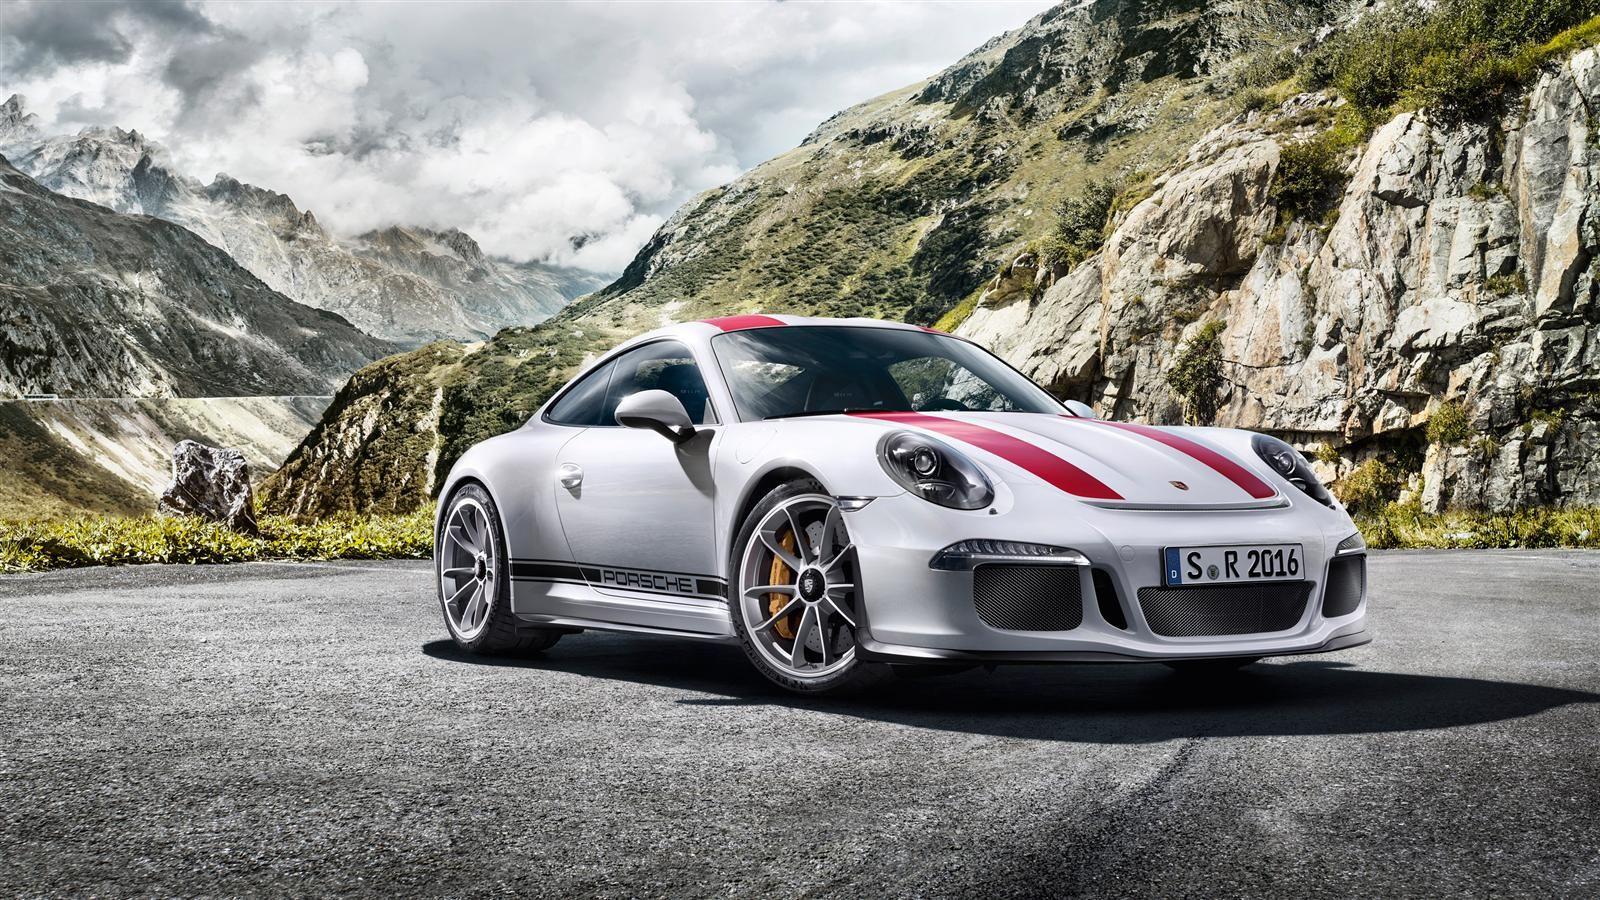 Porsche 911 R Is Eigenlijk Gewoon Een Gt3 Rs Met Handbak Zonder Spoilers Drivessential Porsche 911 Porsche Sports Cars Lamborghini